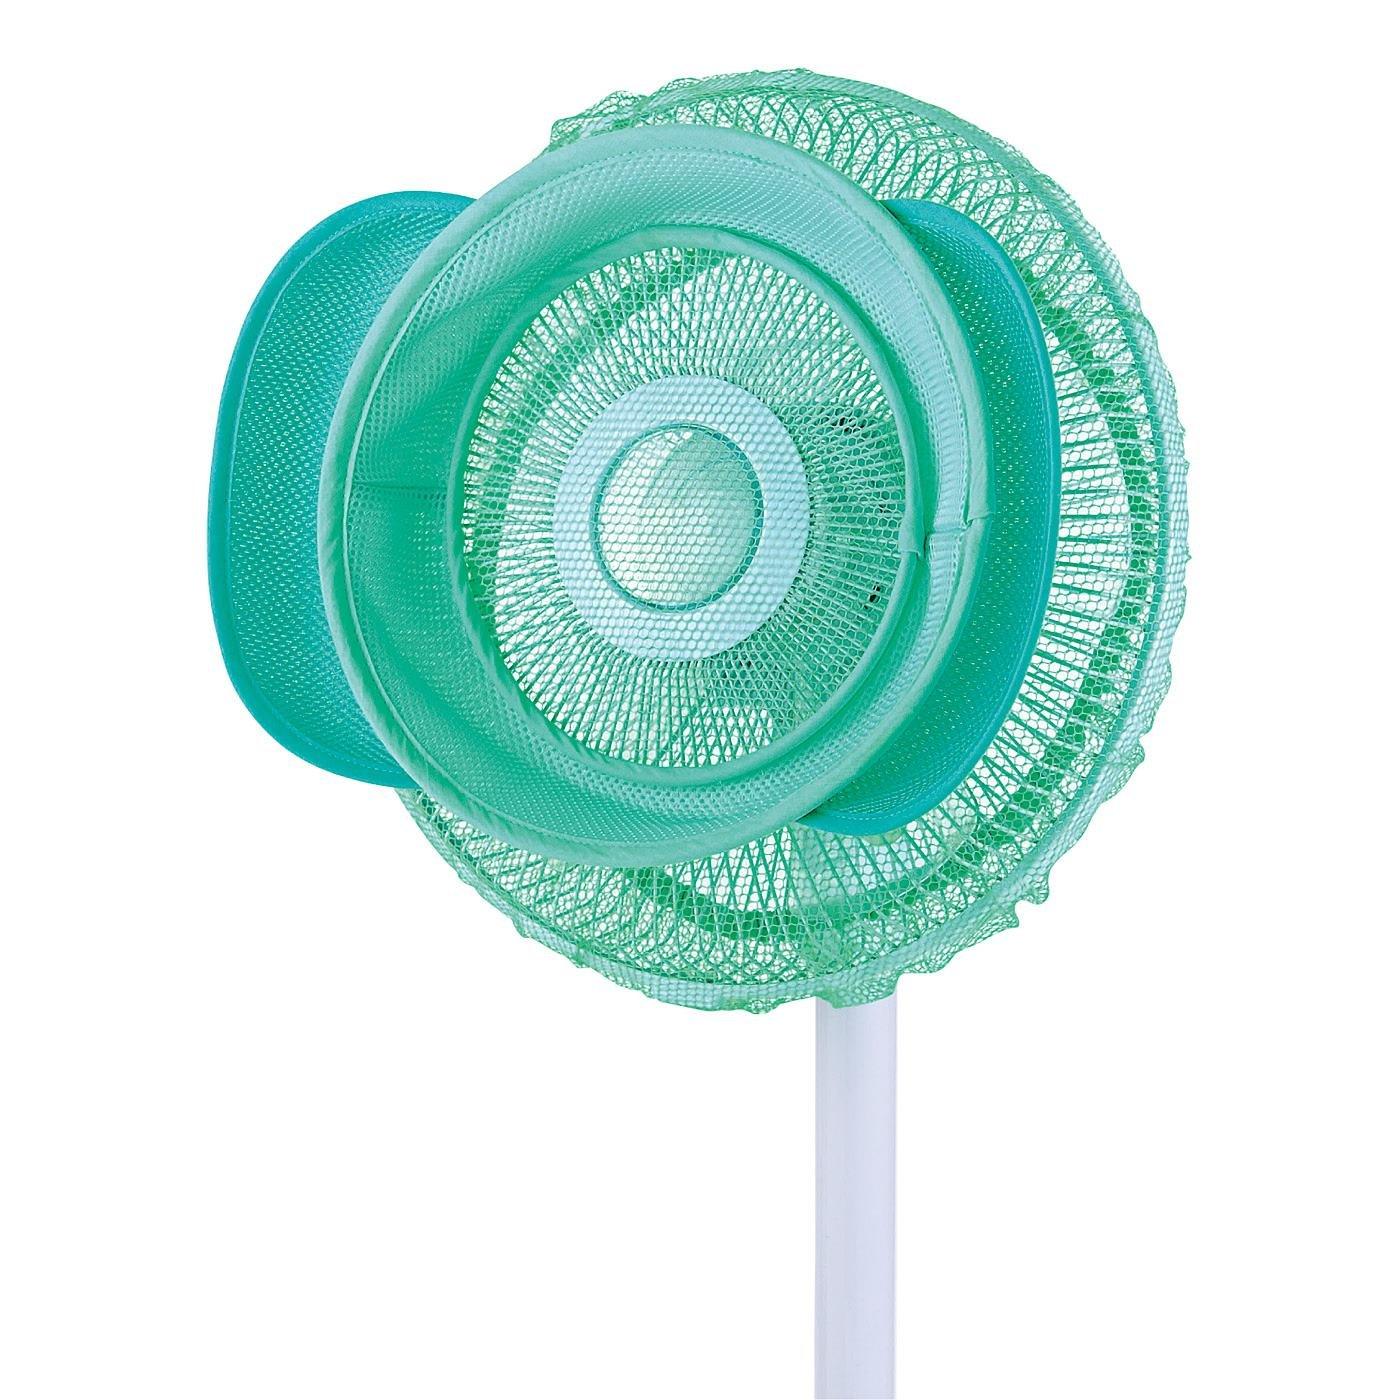 付けるだけ簡単!自然なやさしい風になる扇風機カバー